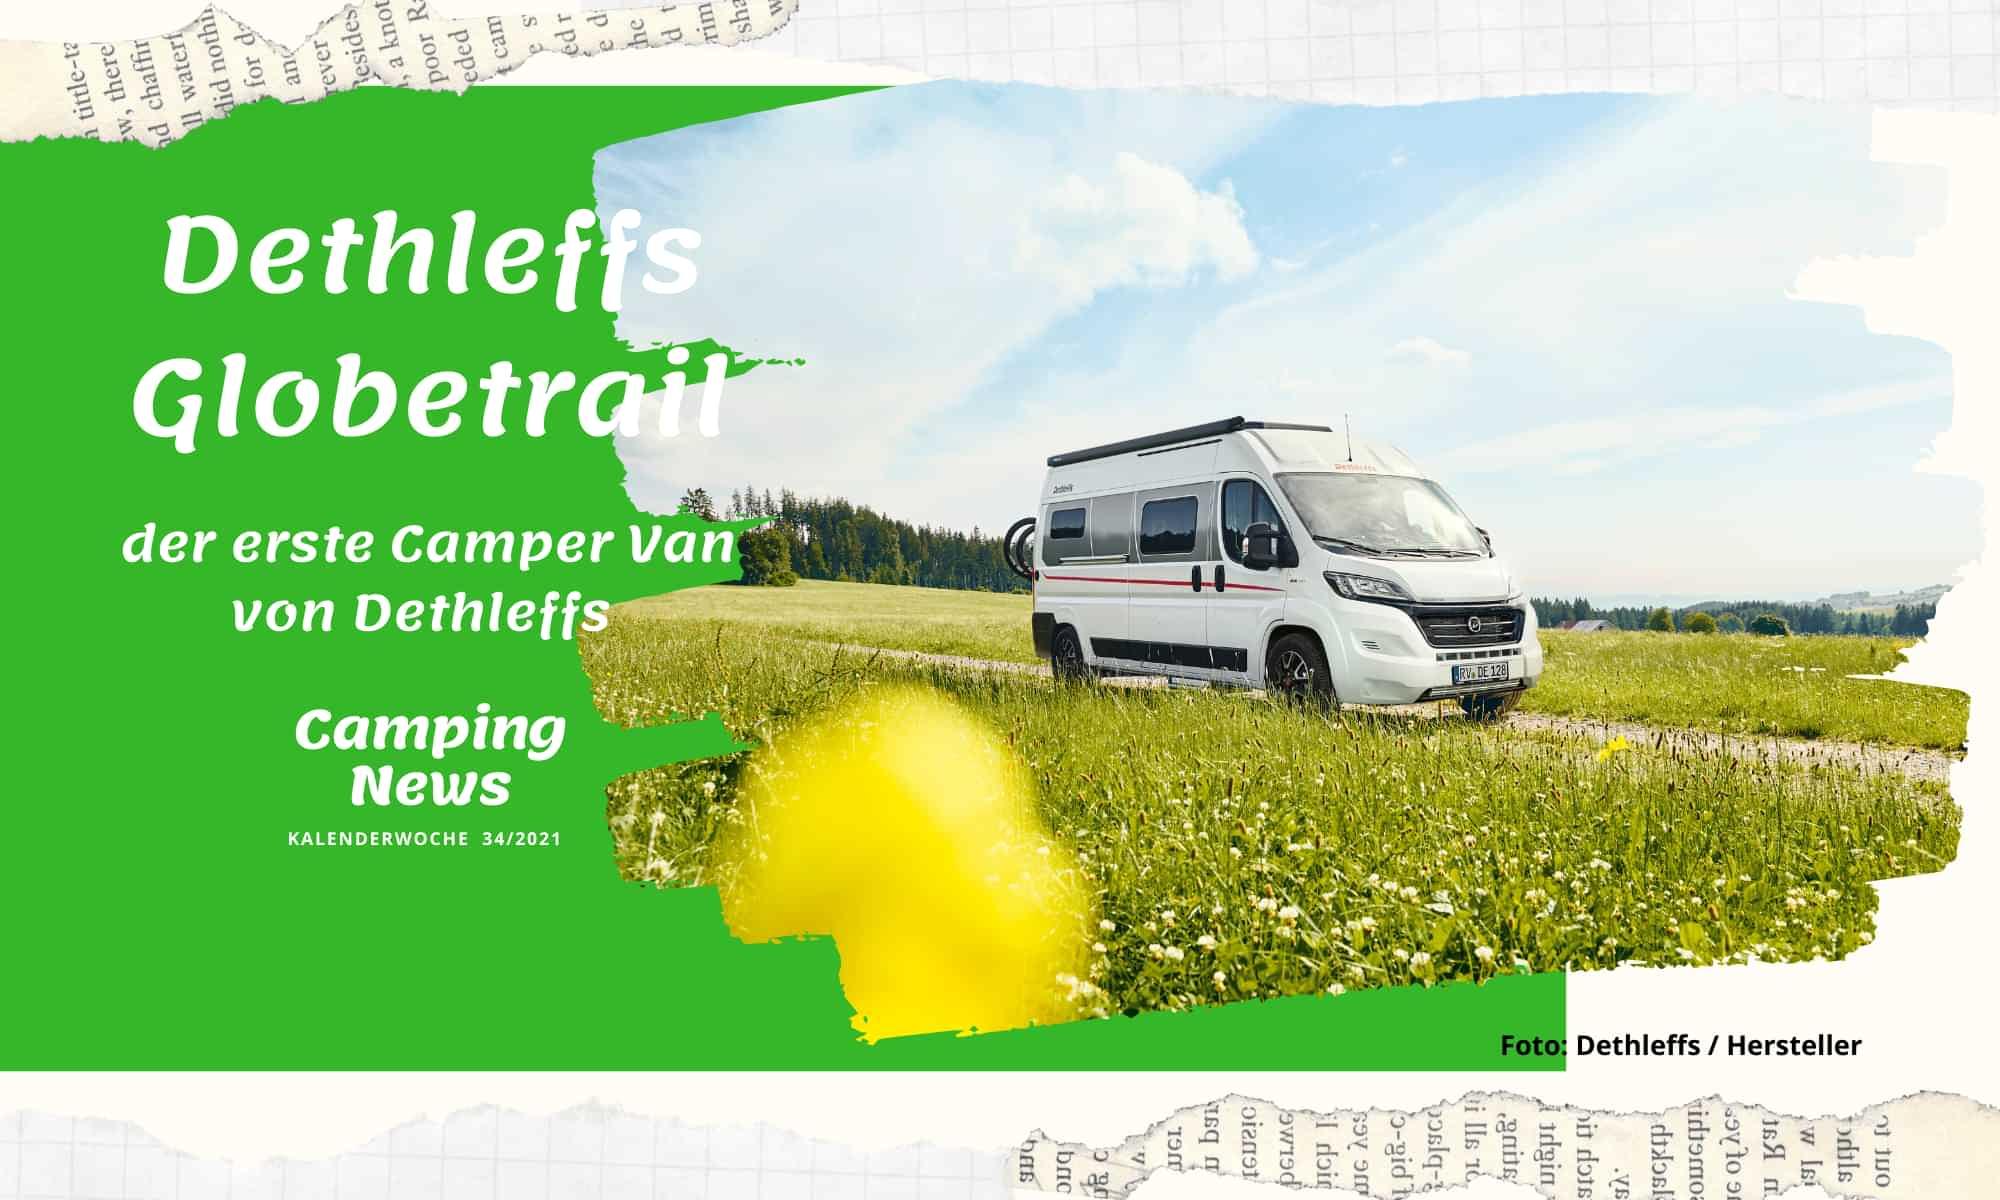 Dethleffs Globetrail: der erste Camper Van von Dethleffs